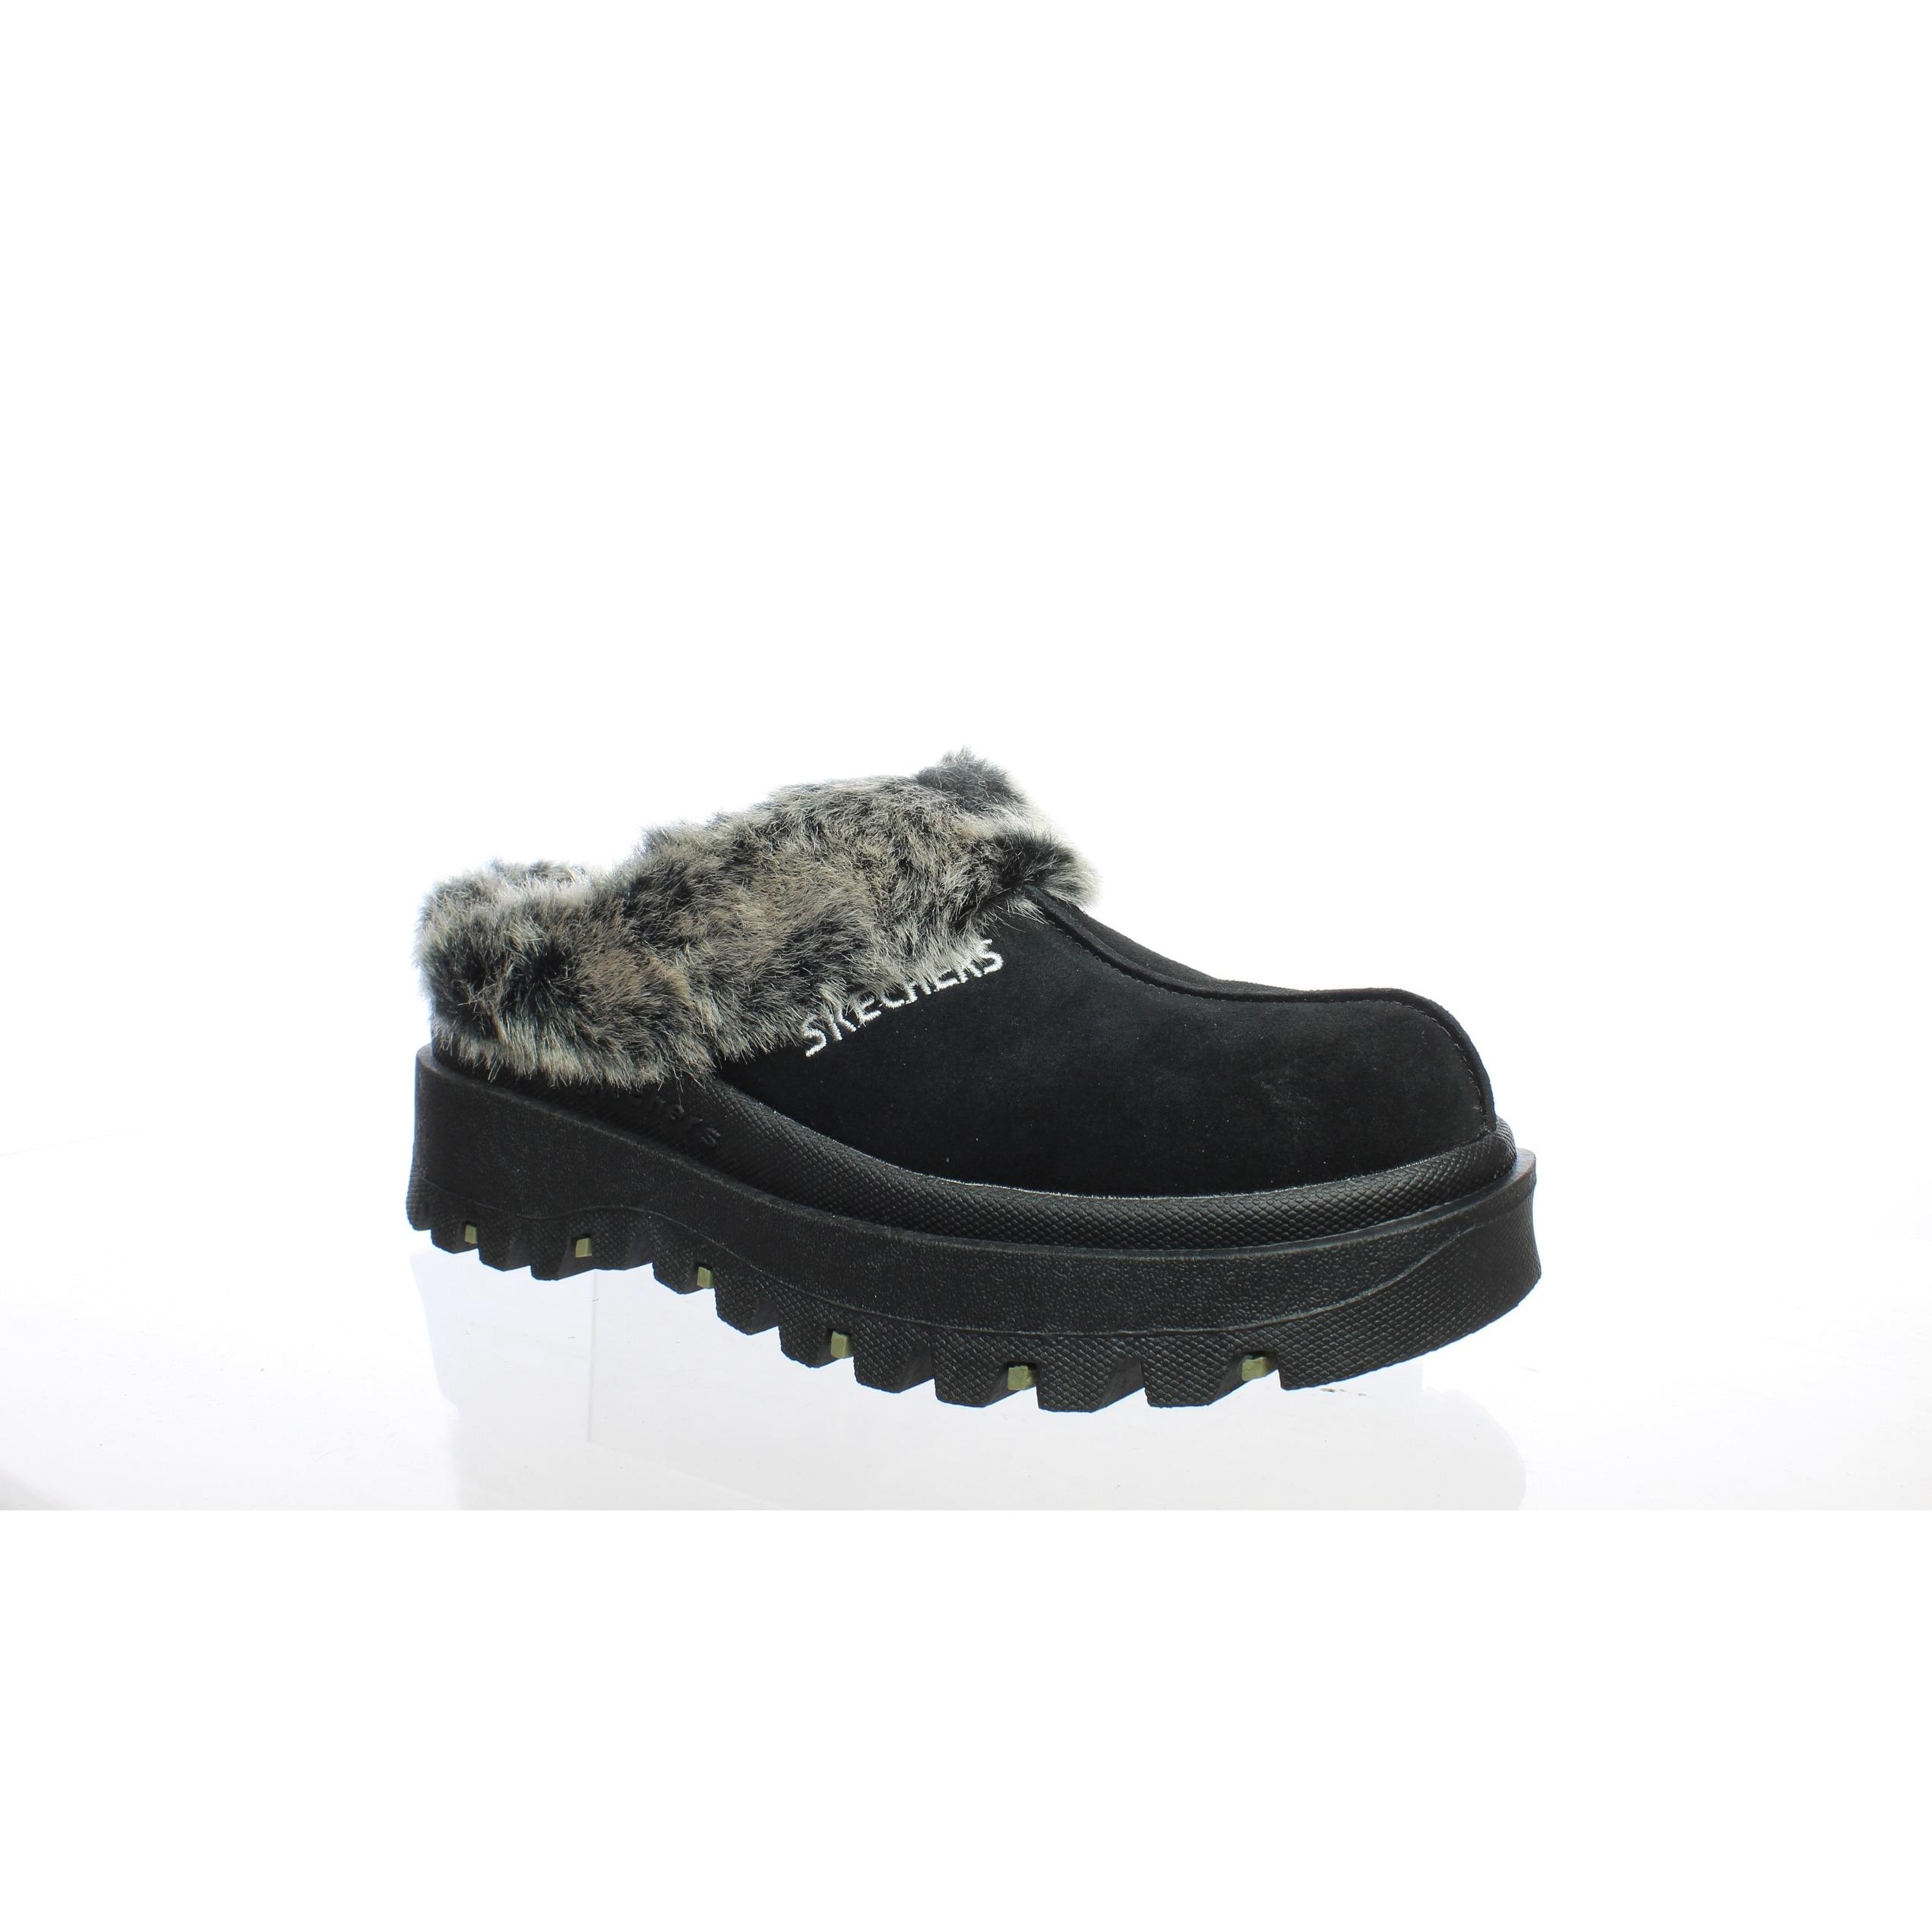 Skechers Womens Fortress Black Mule Slippers Size 5